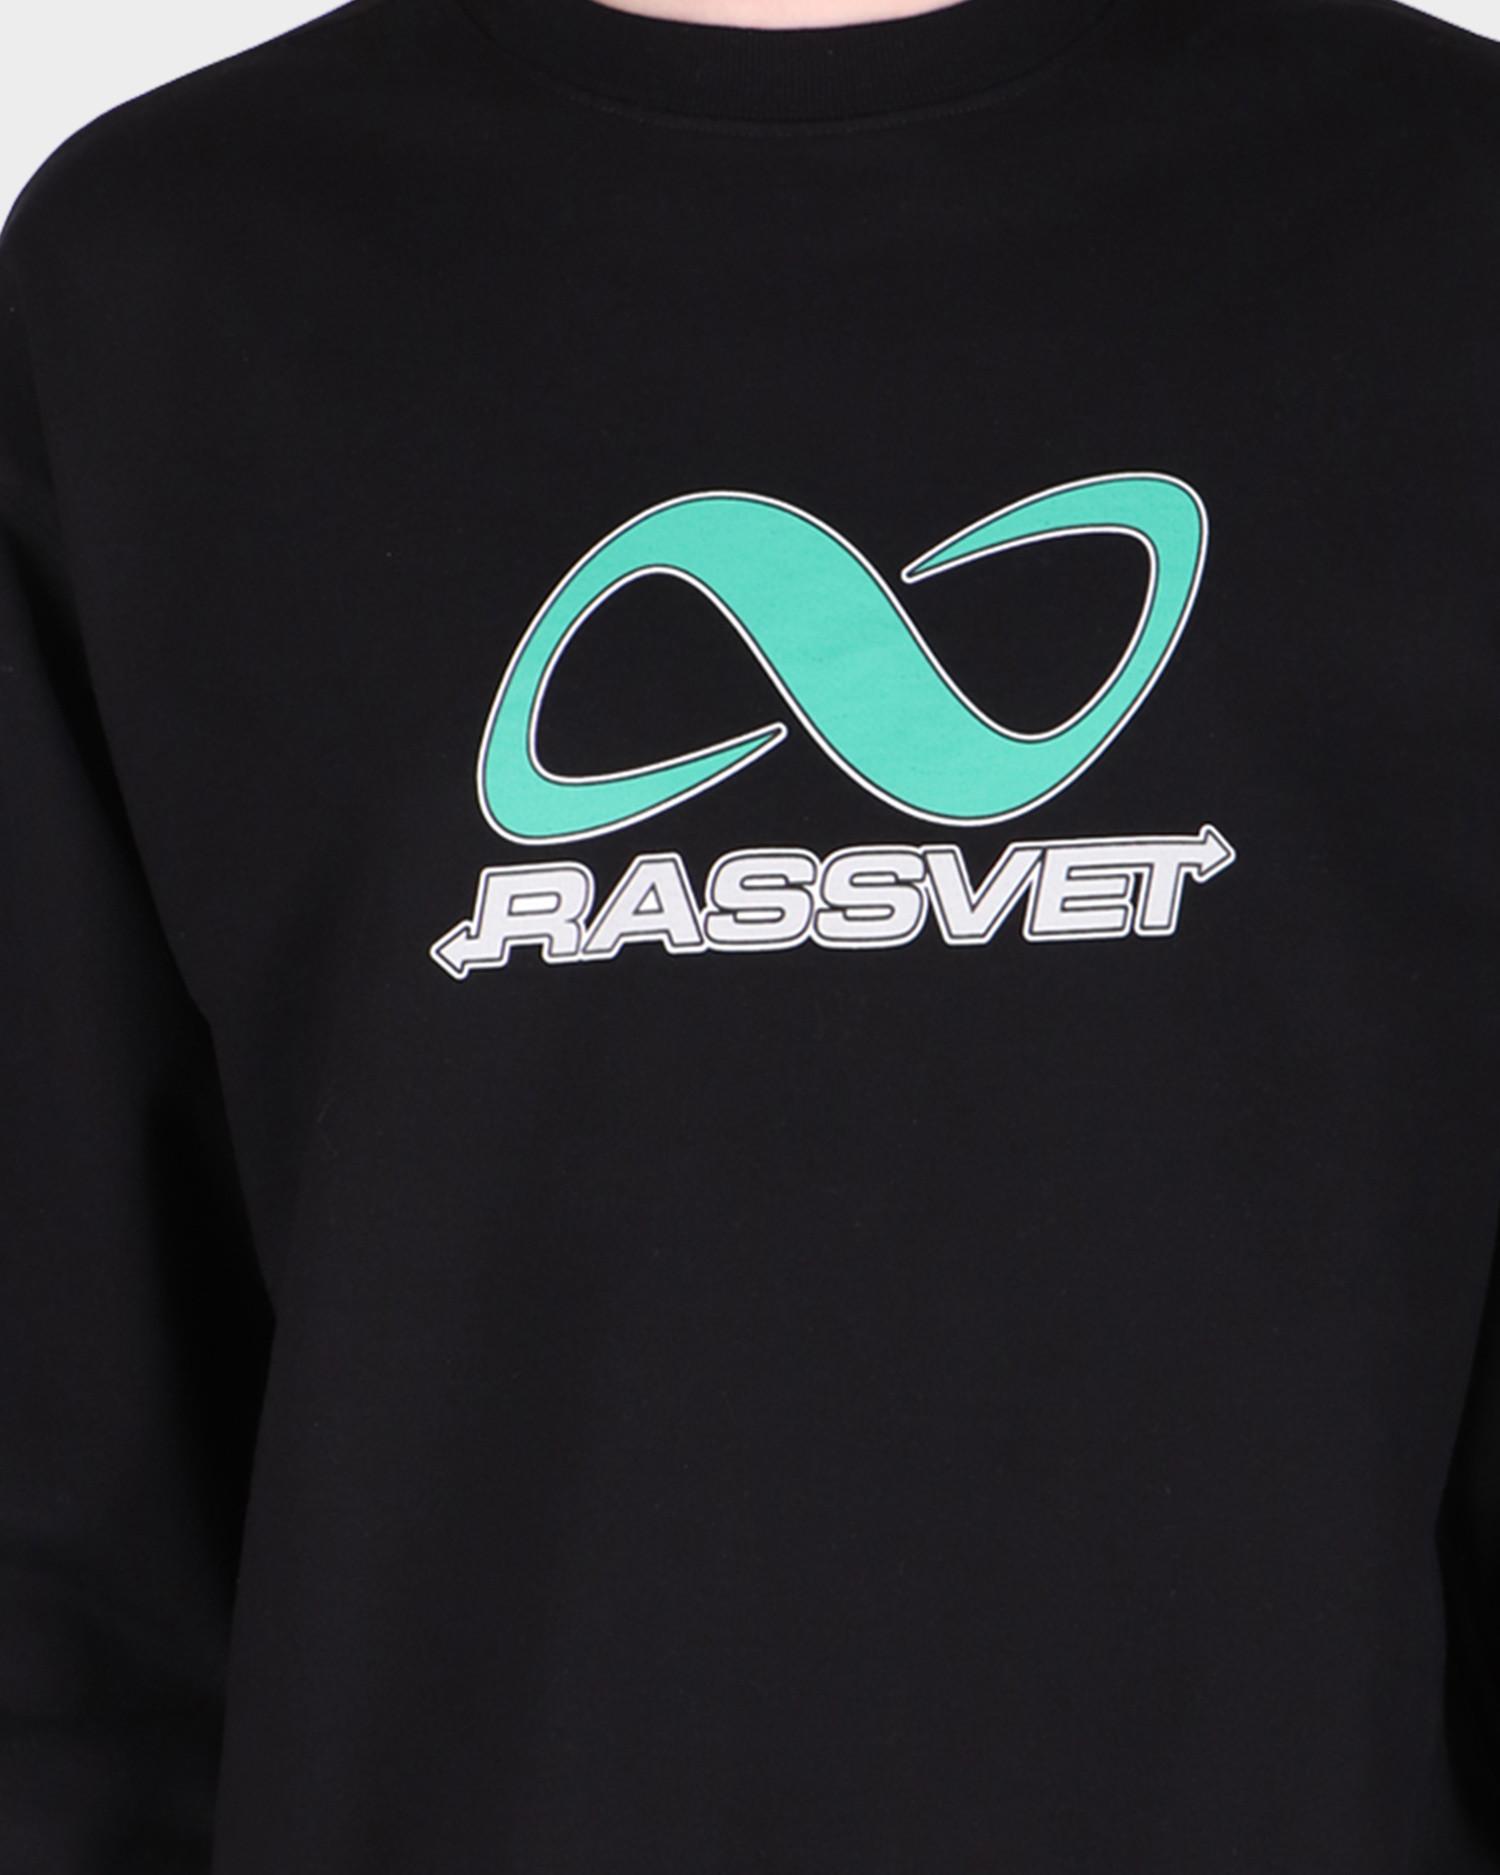 Paccbet Men's Printed Sweatshirt Black